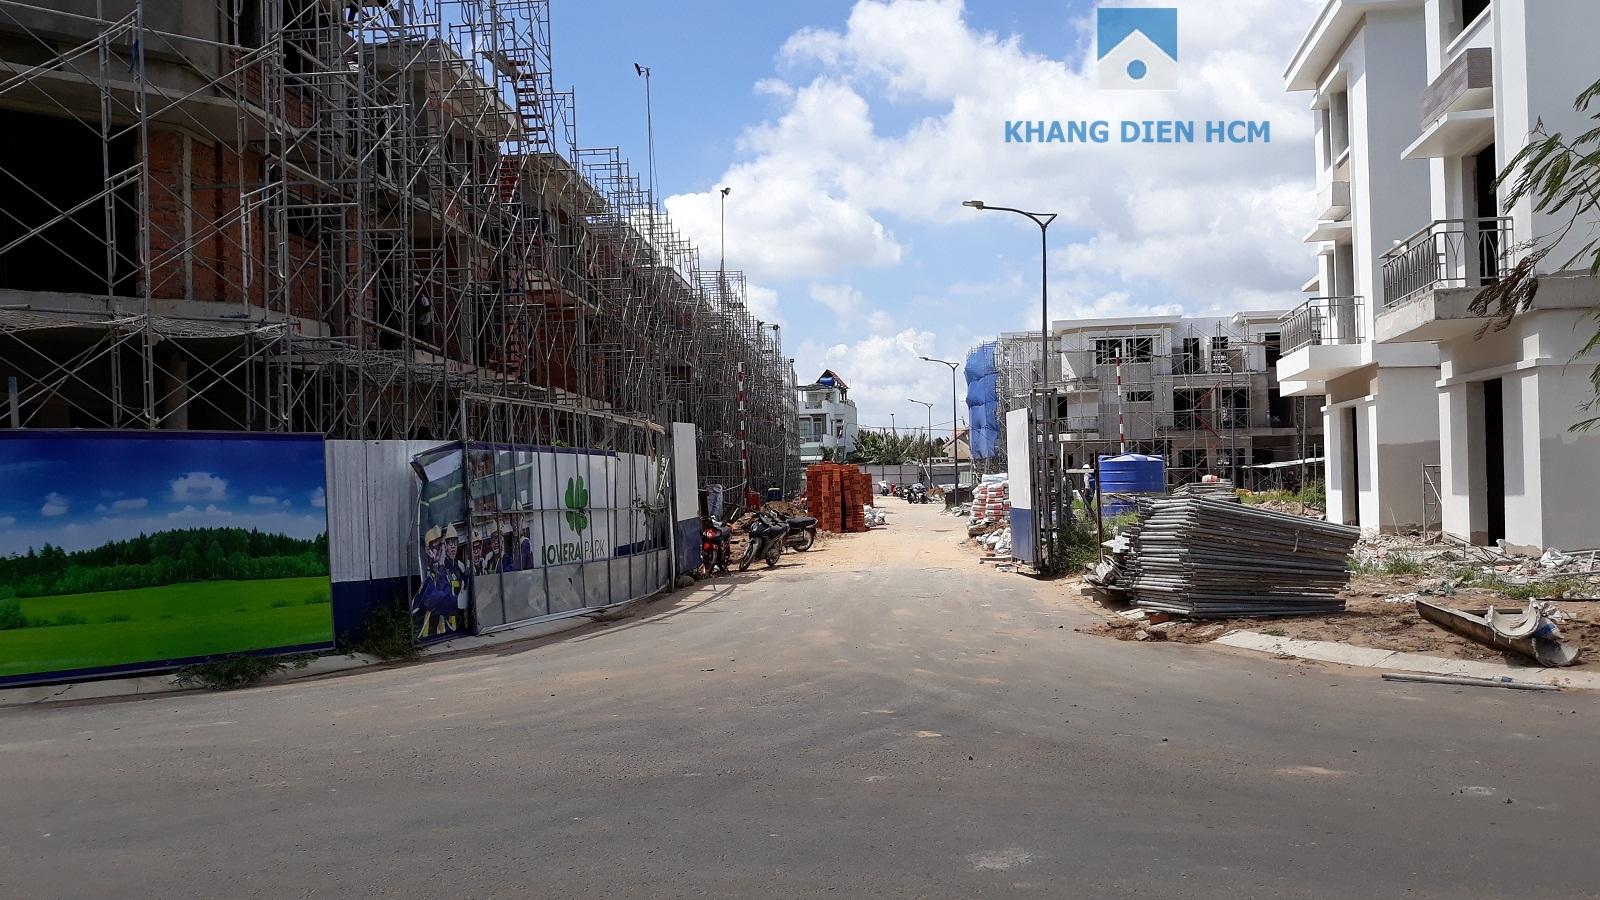 Block C hướng nhìn vào công viên nhỏ đang tiến hành xây tường bao - Khang Điền HCM